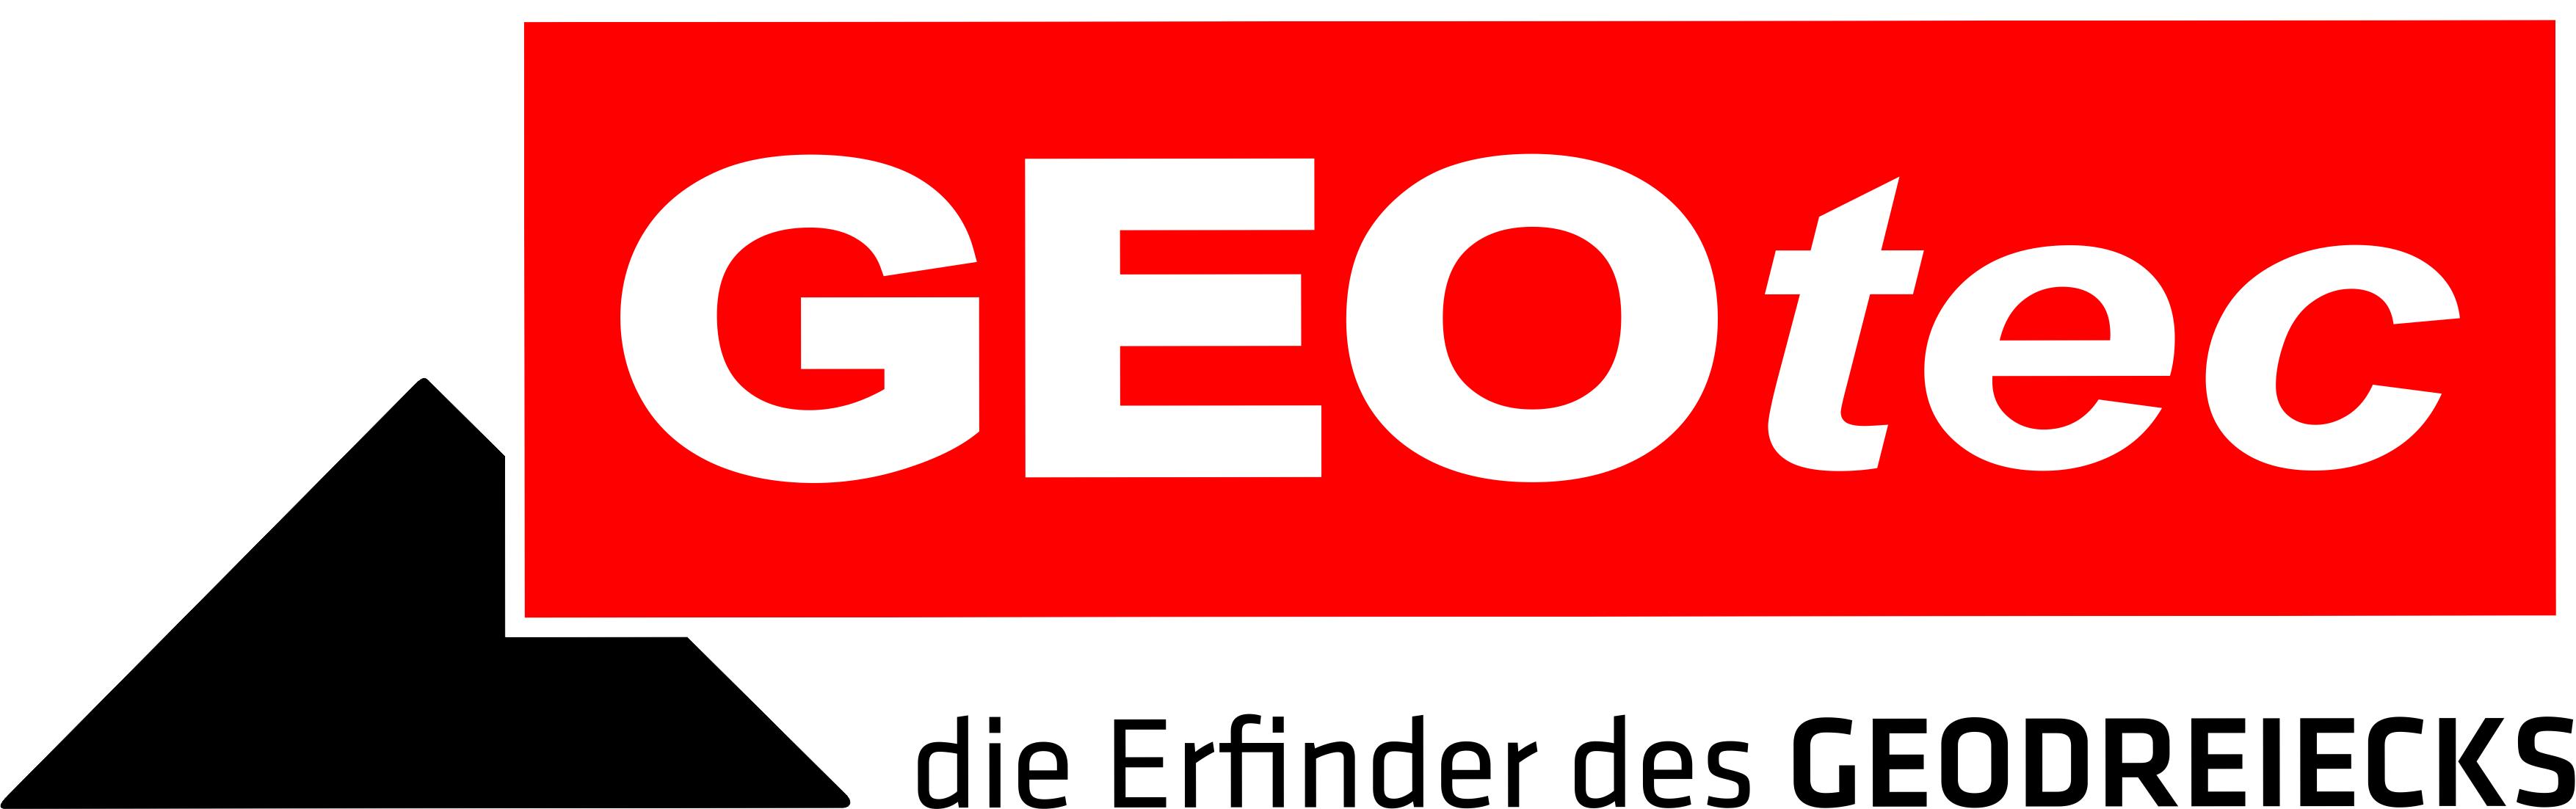 GEOtec Logo - die Erfinder des GEODREIECKS